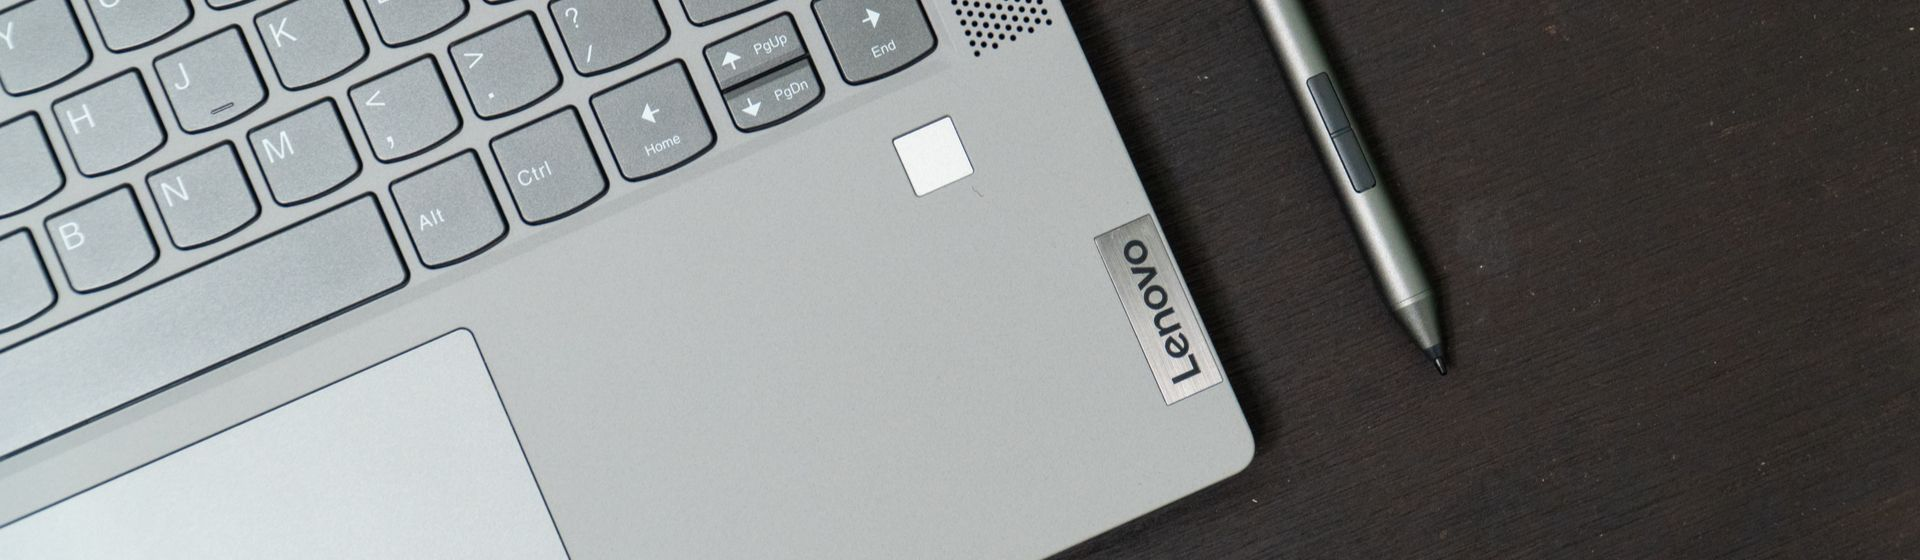 Melhor notebook Lenovo: 8 modelos para comprar em 2021